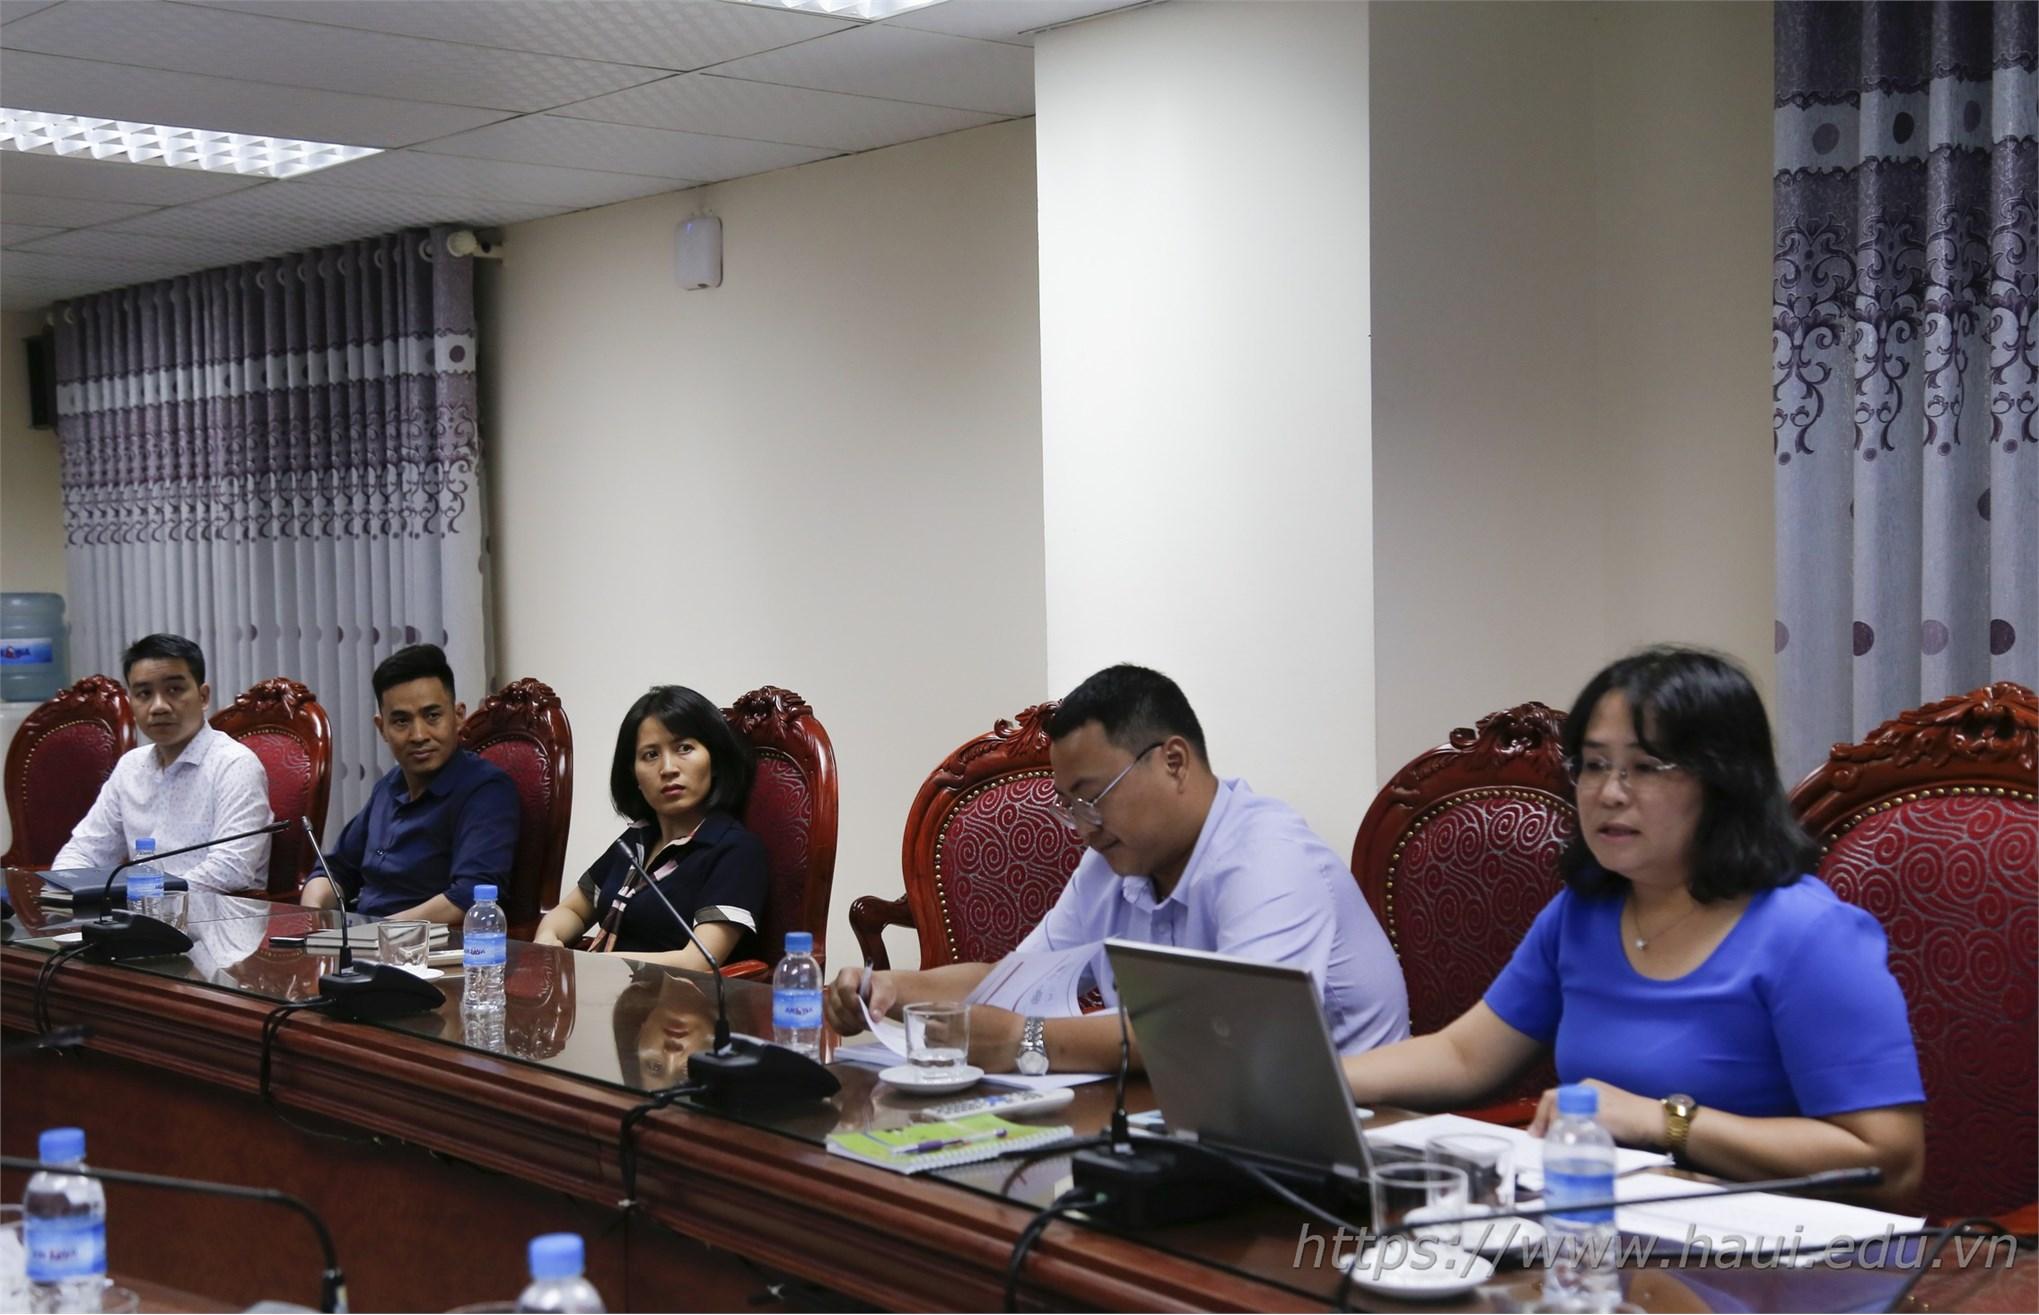 TS. Võ Thị Như Uyên trình bày nội dung đề tài nghiên cứu trước Hội đồng